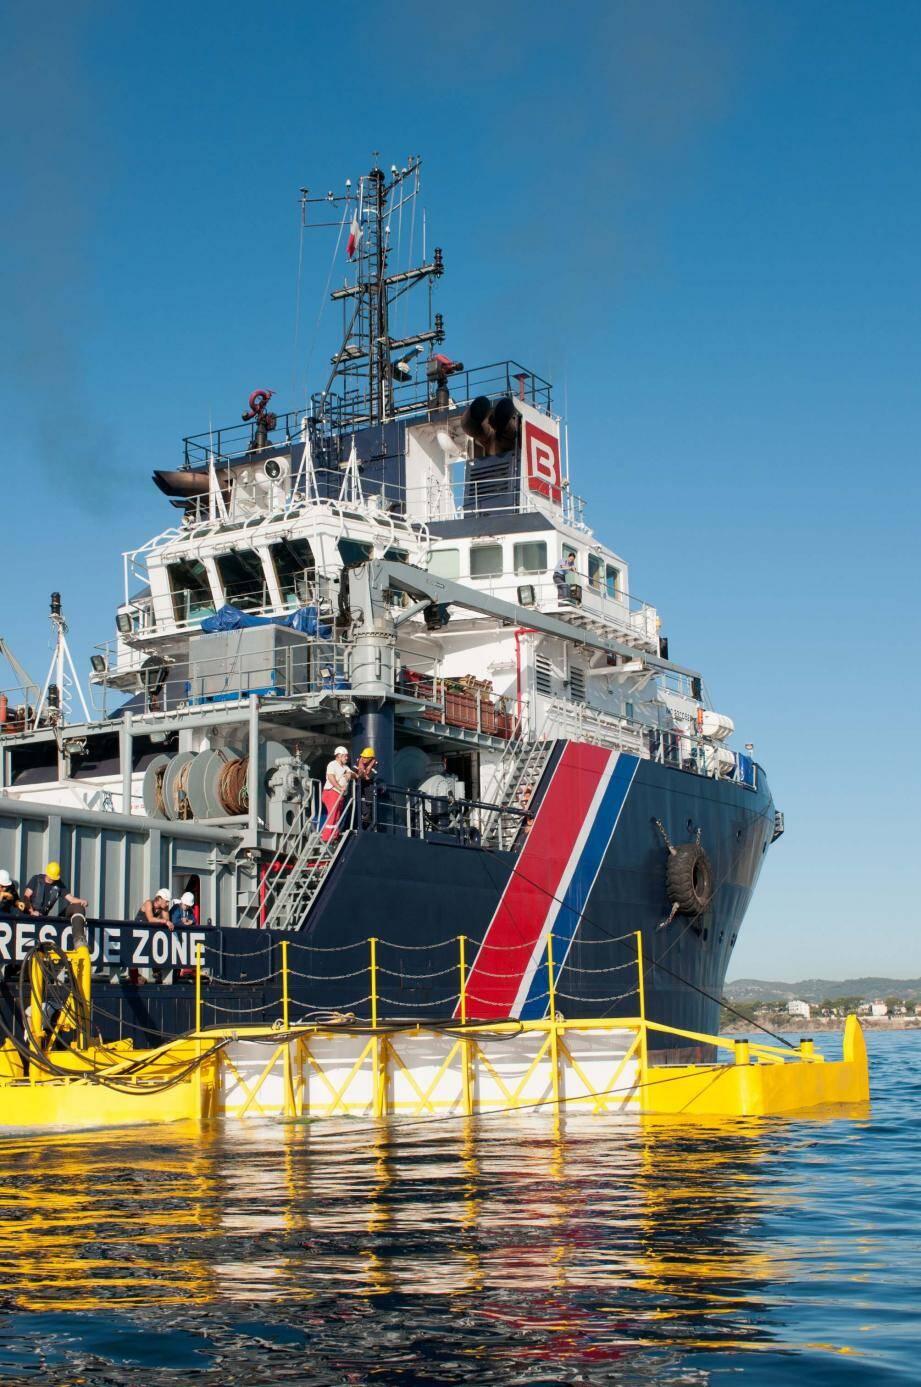 Les 26 et 27 avril, une collision entre deux navires sera simulée au large de la Principauté.